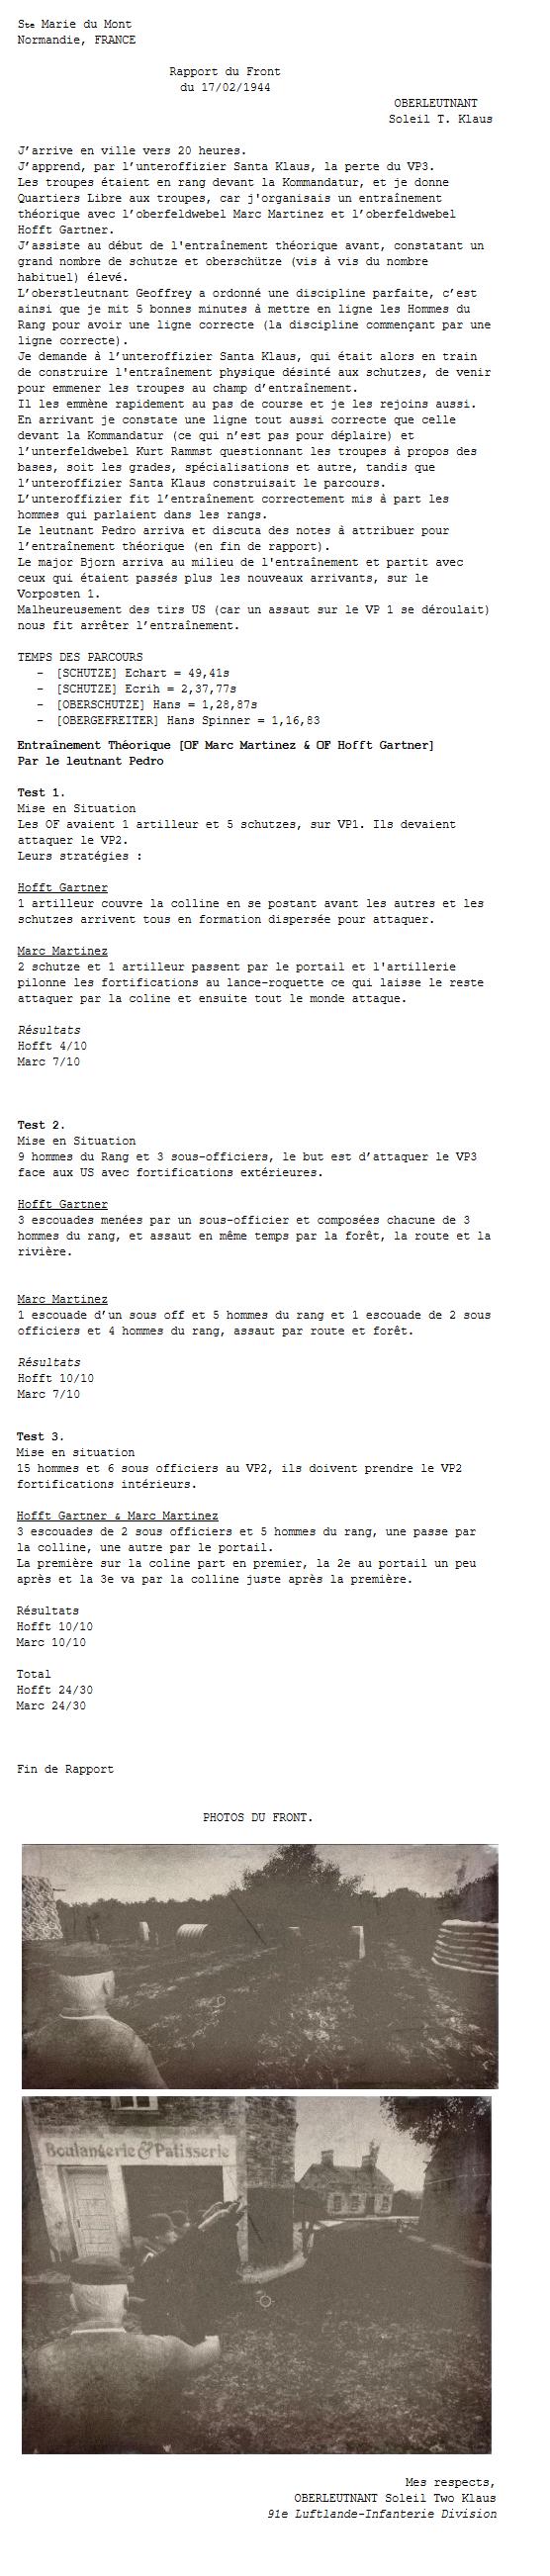 Rapports du Front - Soleil Two Klaus Rtgz13